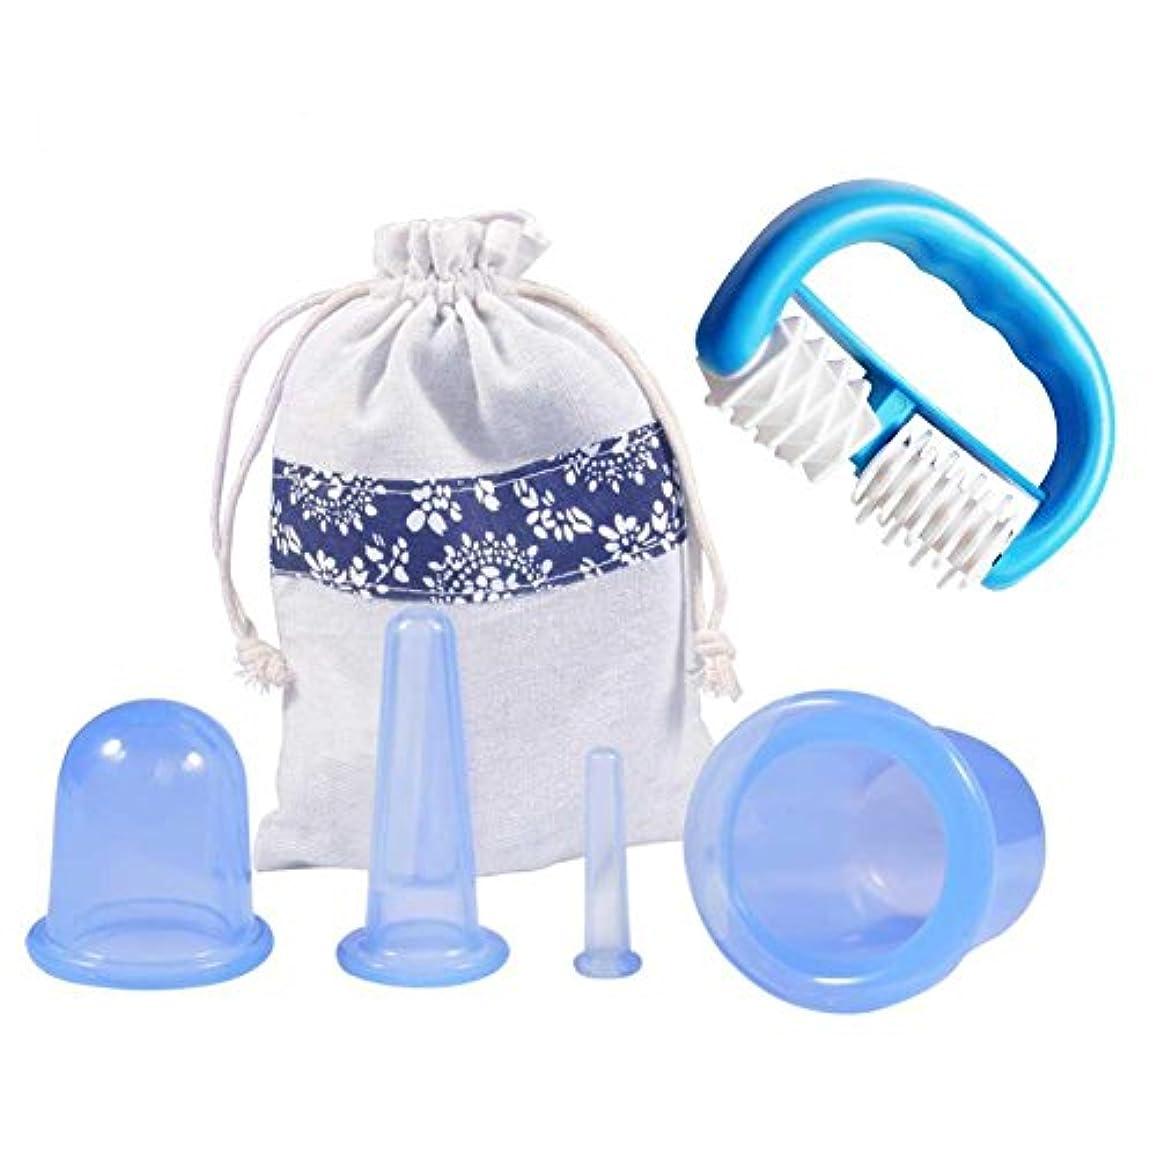 春権限誠意Ejoyousカッピングセラピーセット、関節と筋肉痛救済、痛み緩和のためのシリコンアンチセルライトフェイシャルとボディマッサージカッピングカップ